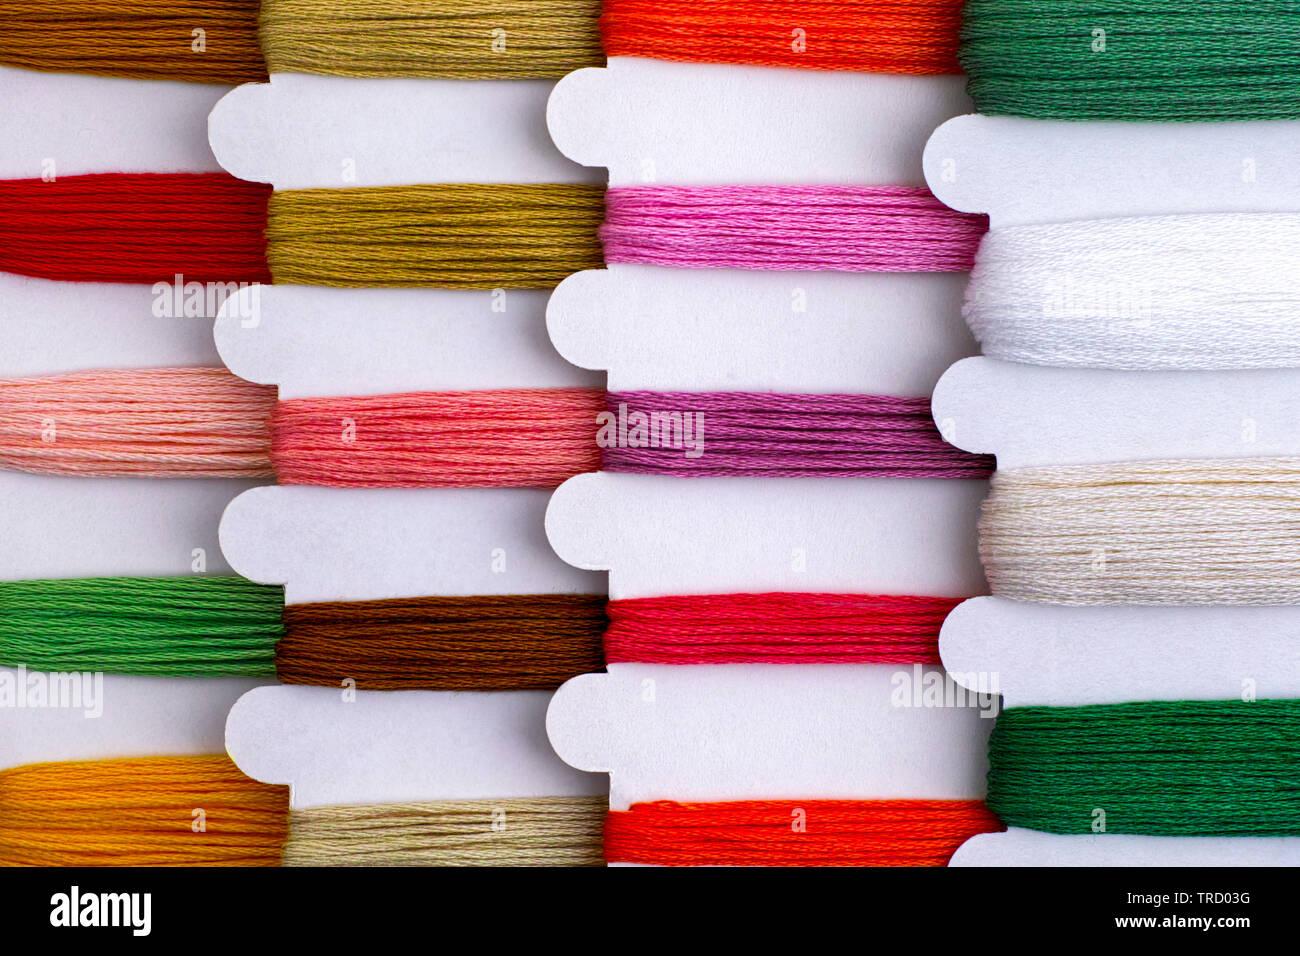 Colore fili di ricamo su bobine in una fila pronto per il punto croce. Close-up. Foto Stock